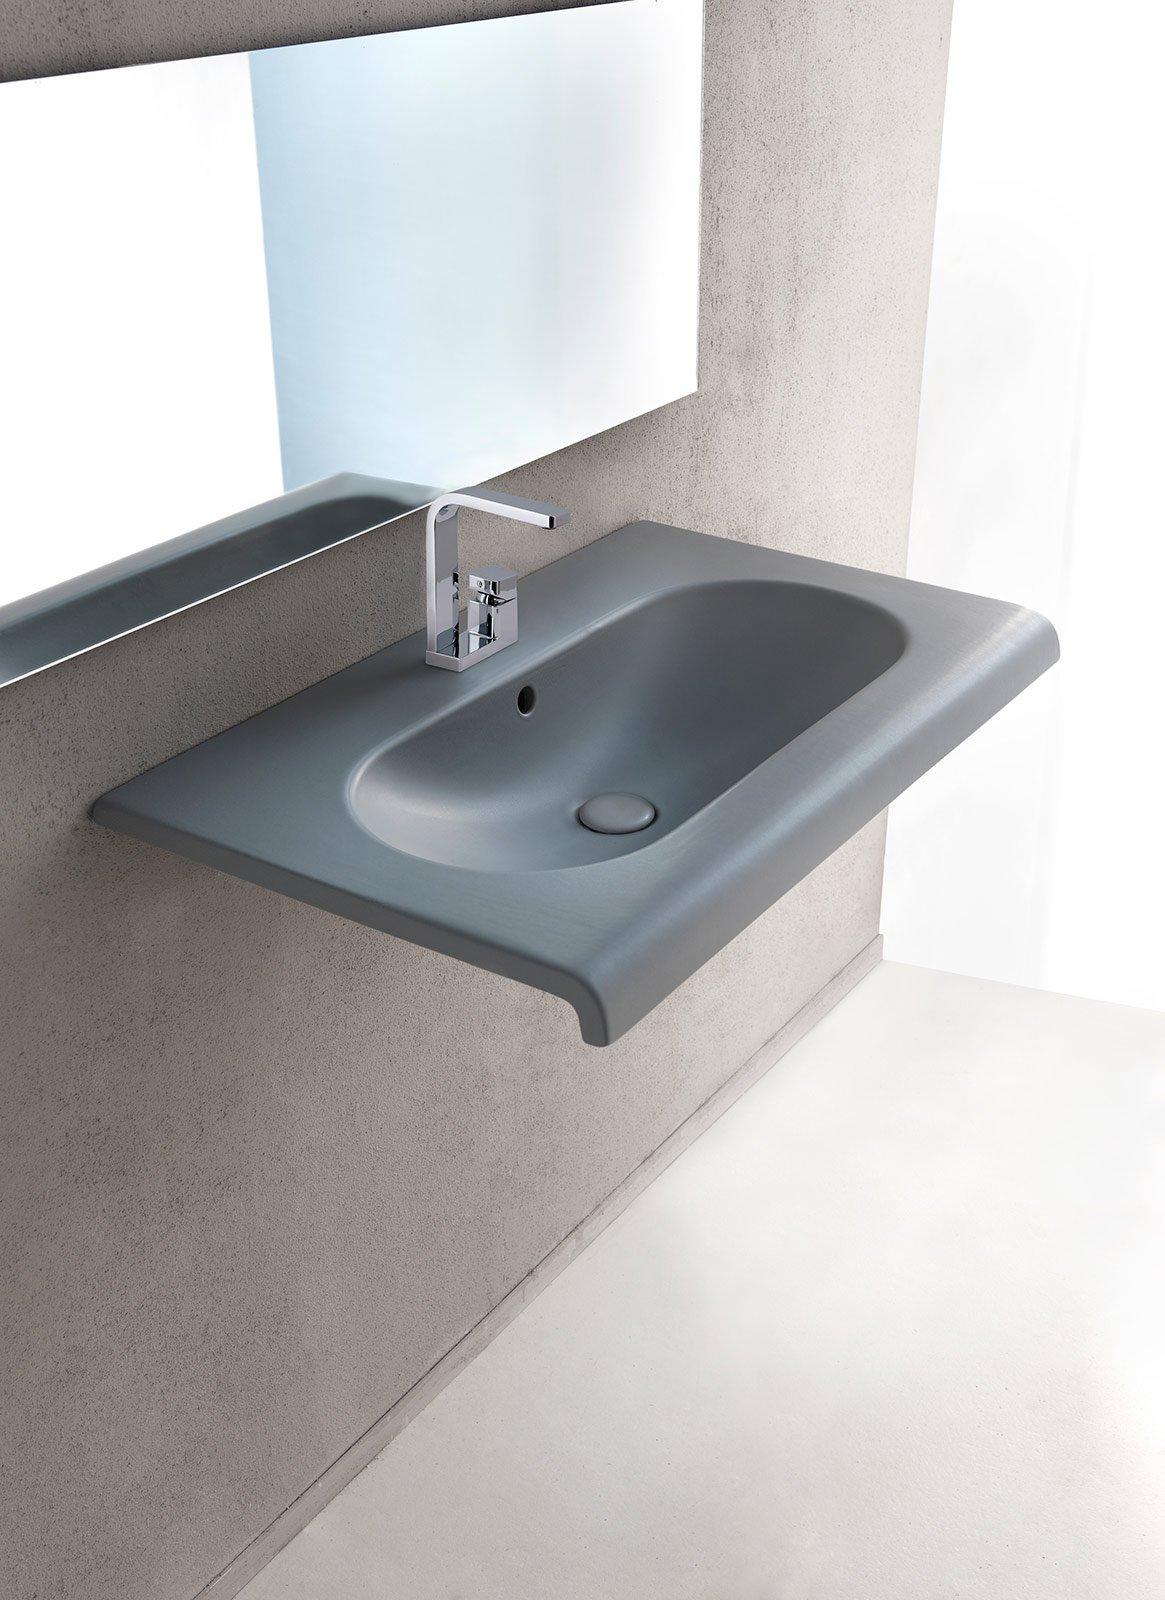 Lavandino Bagno Con Piede lavabi e lavamani bagno sospesi, a colonna, da appoggio